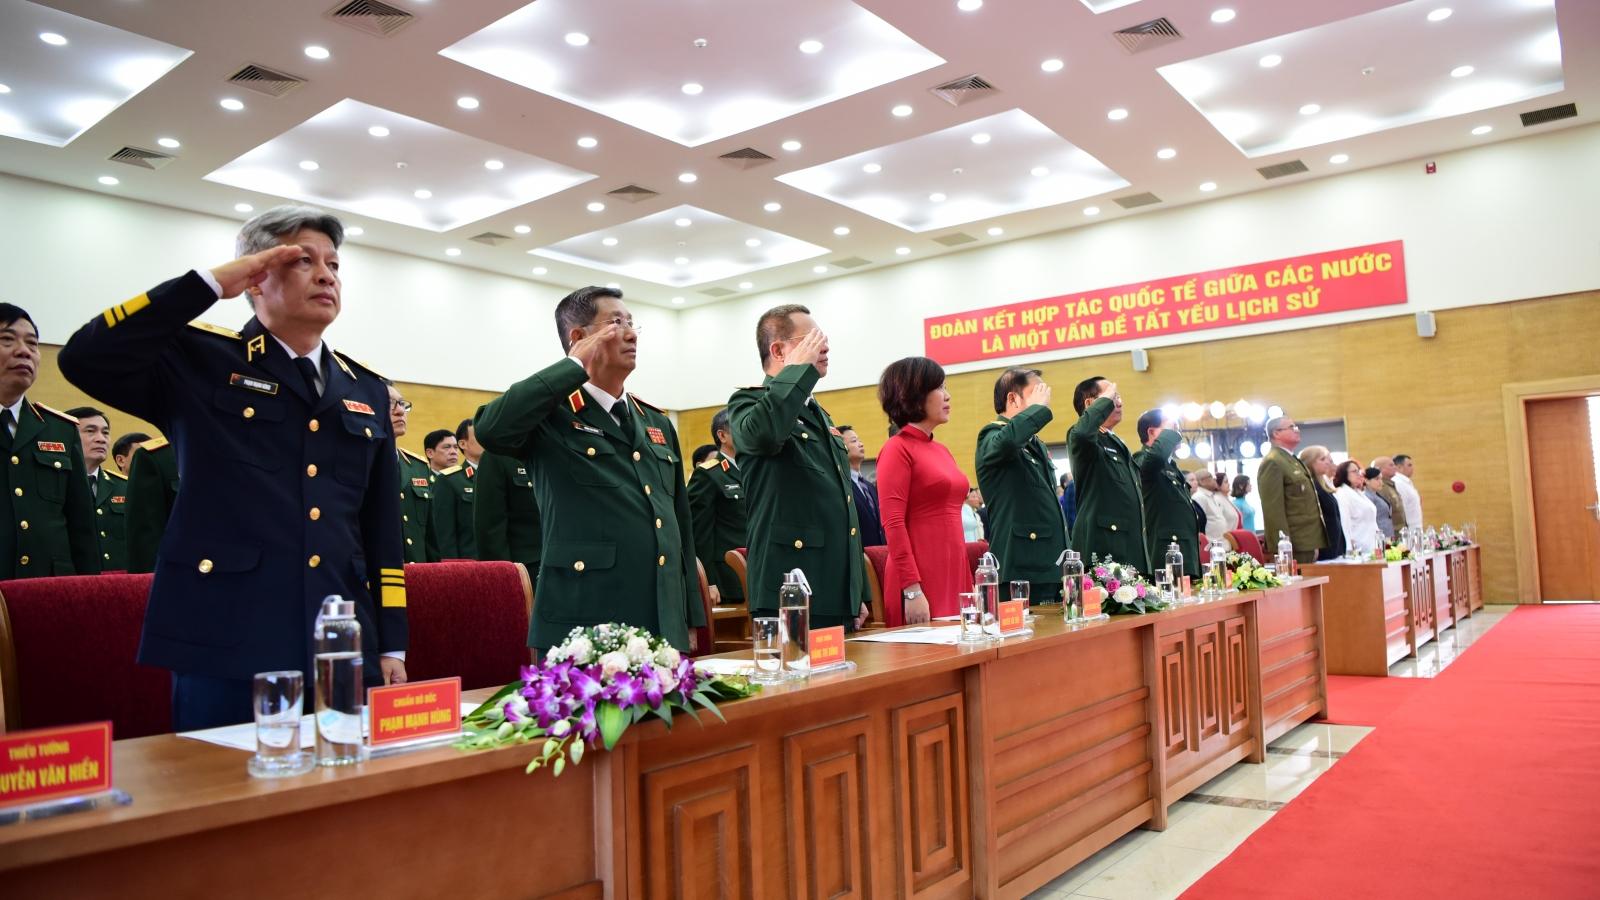 Bộ Quốc phòng kỷ niệm 60 năm Ngày thiết lập quan hệ ngoại giao Việt Nam - Cuba